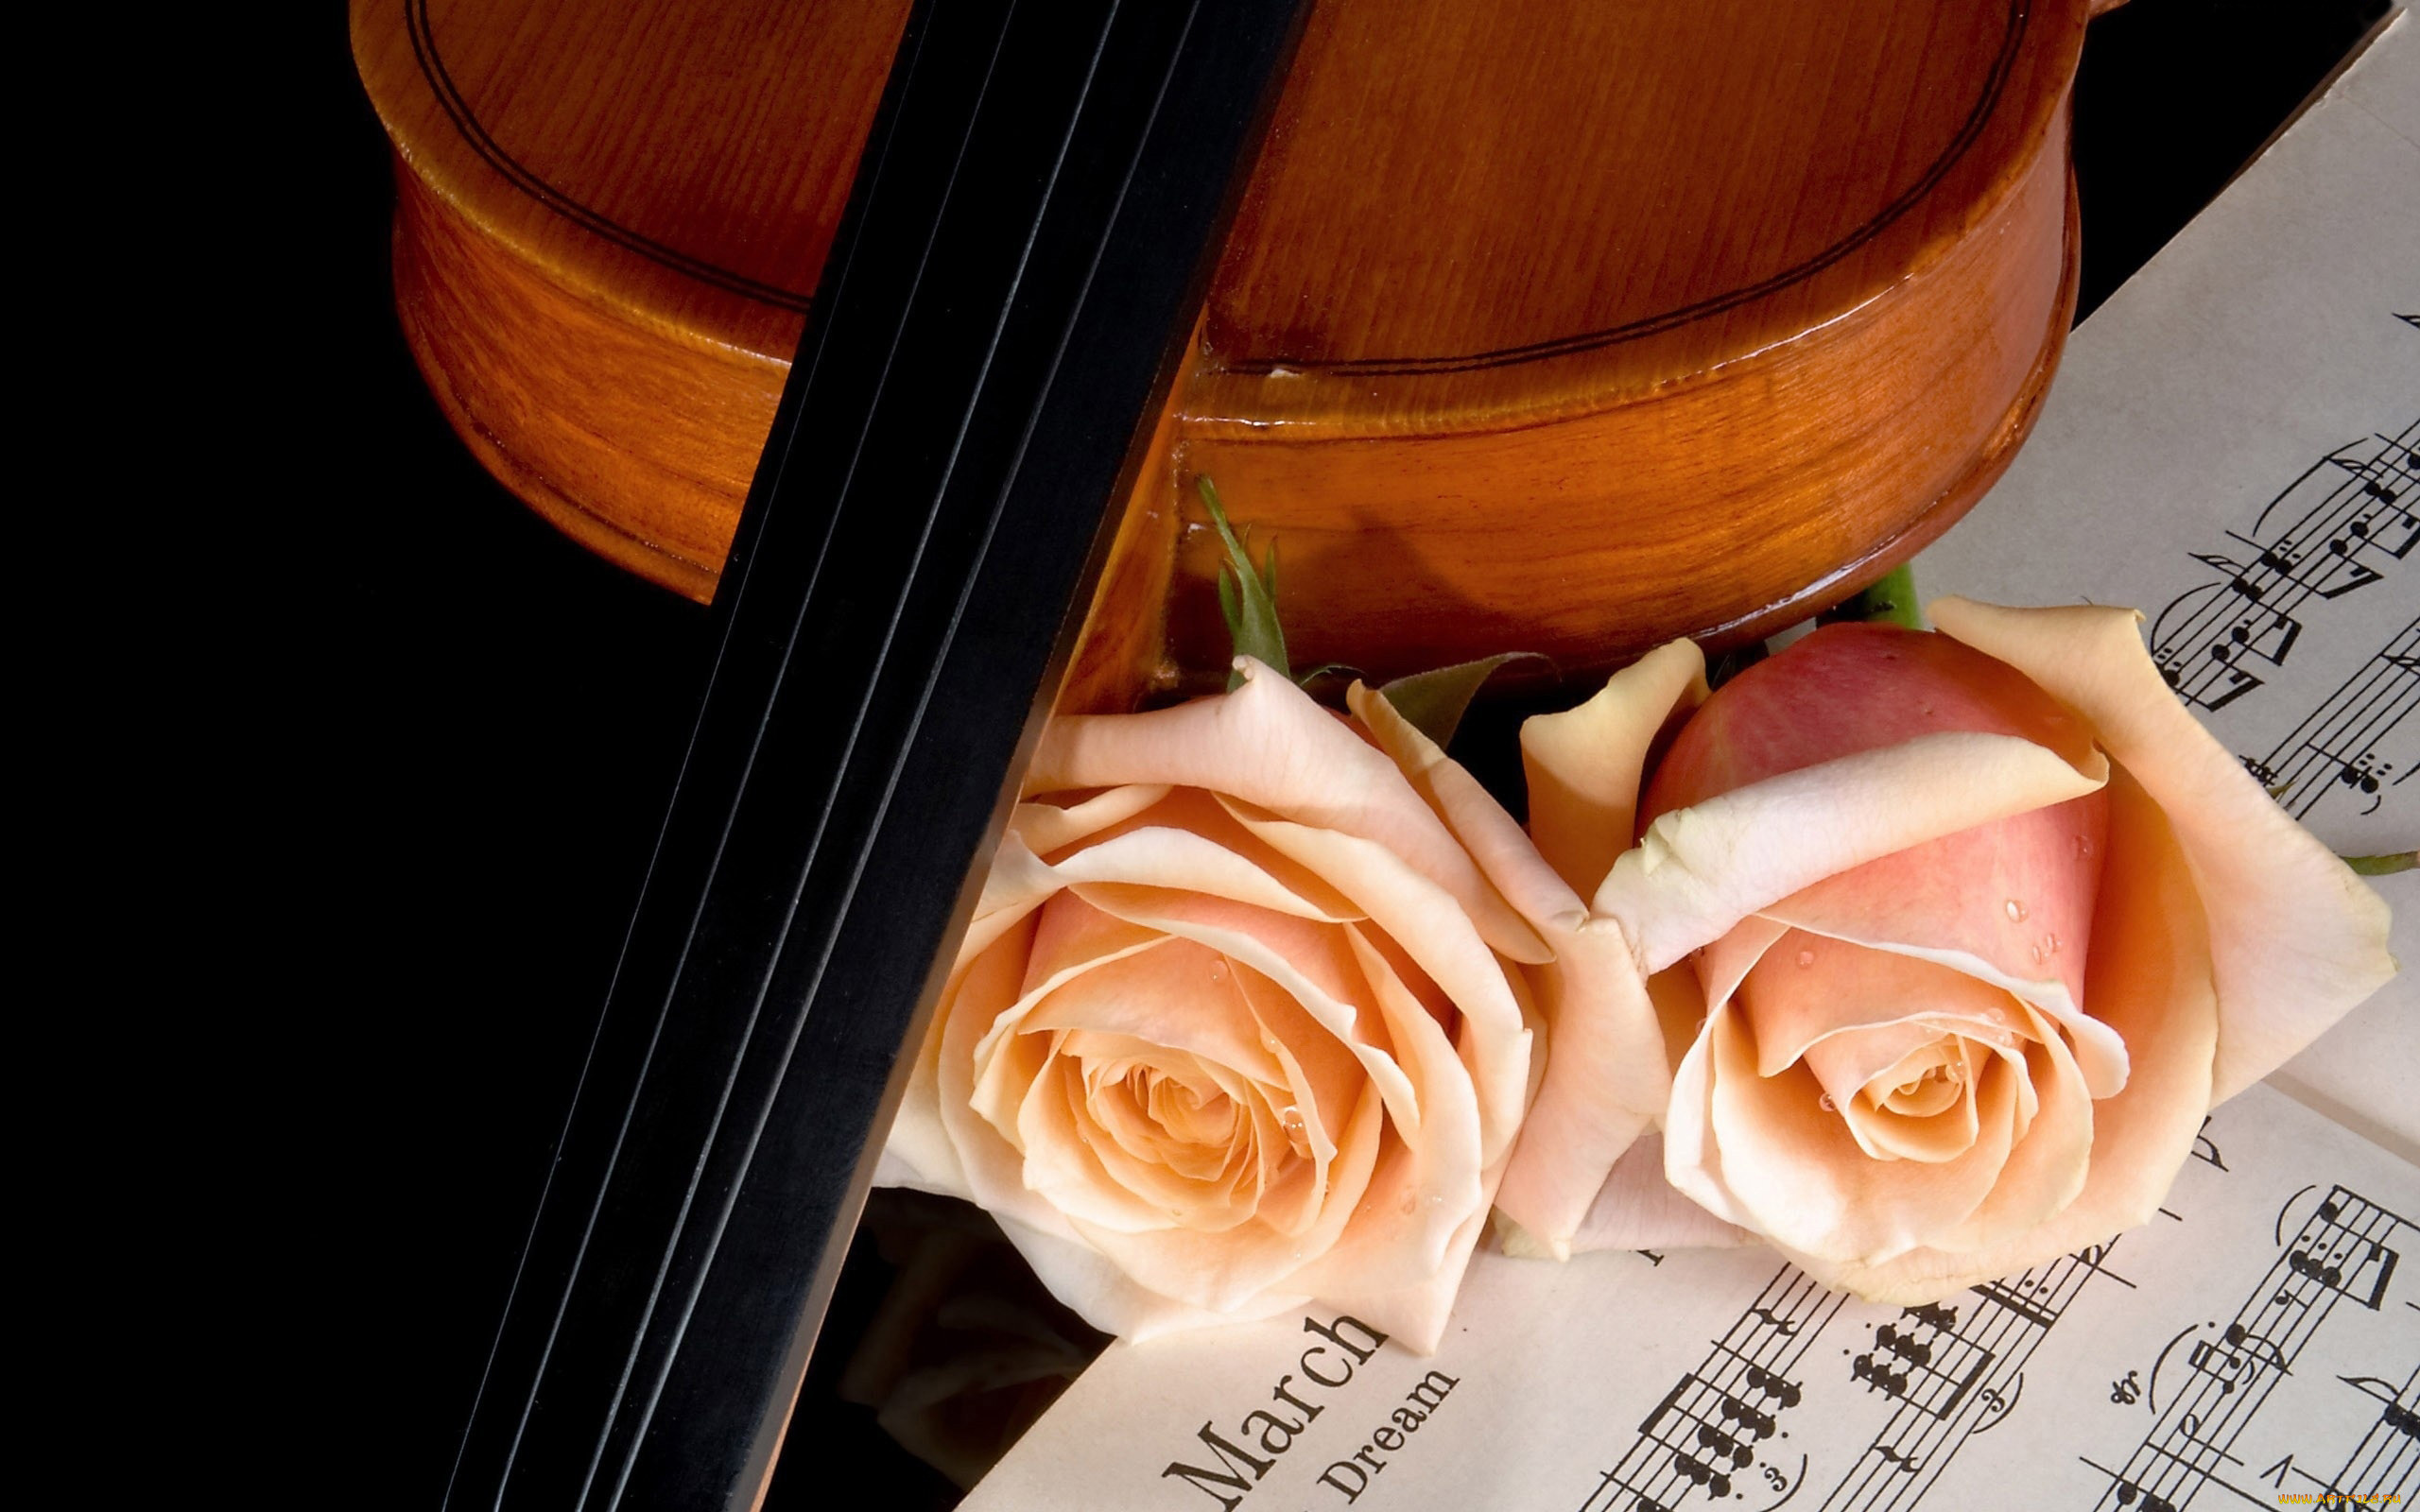 встречается фото скрипки с нотами впечатление что своем